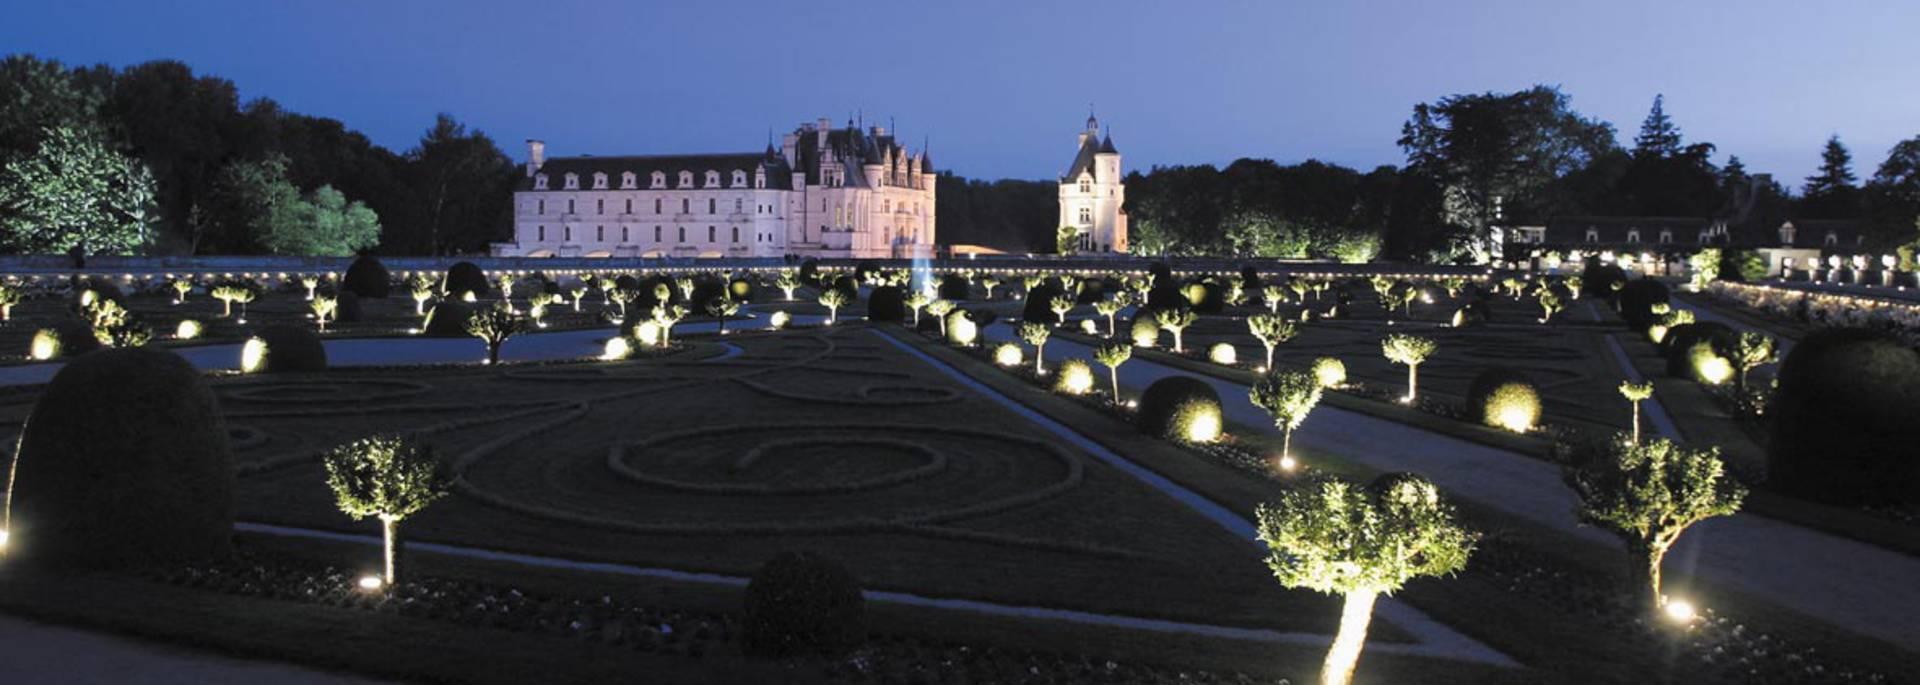 Château de Chenonceau de nuit © Images de Marc